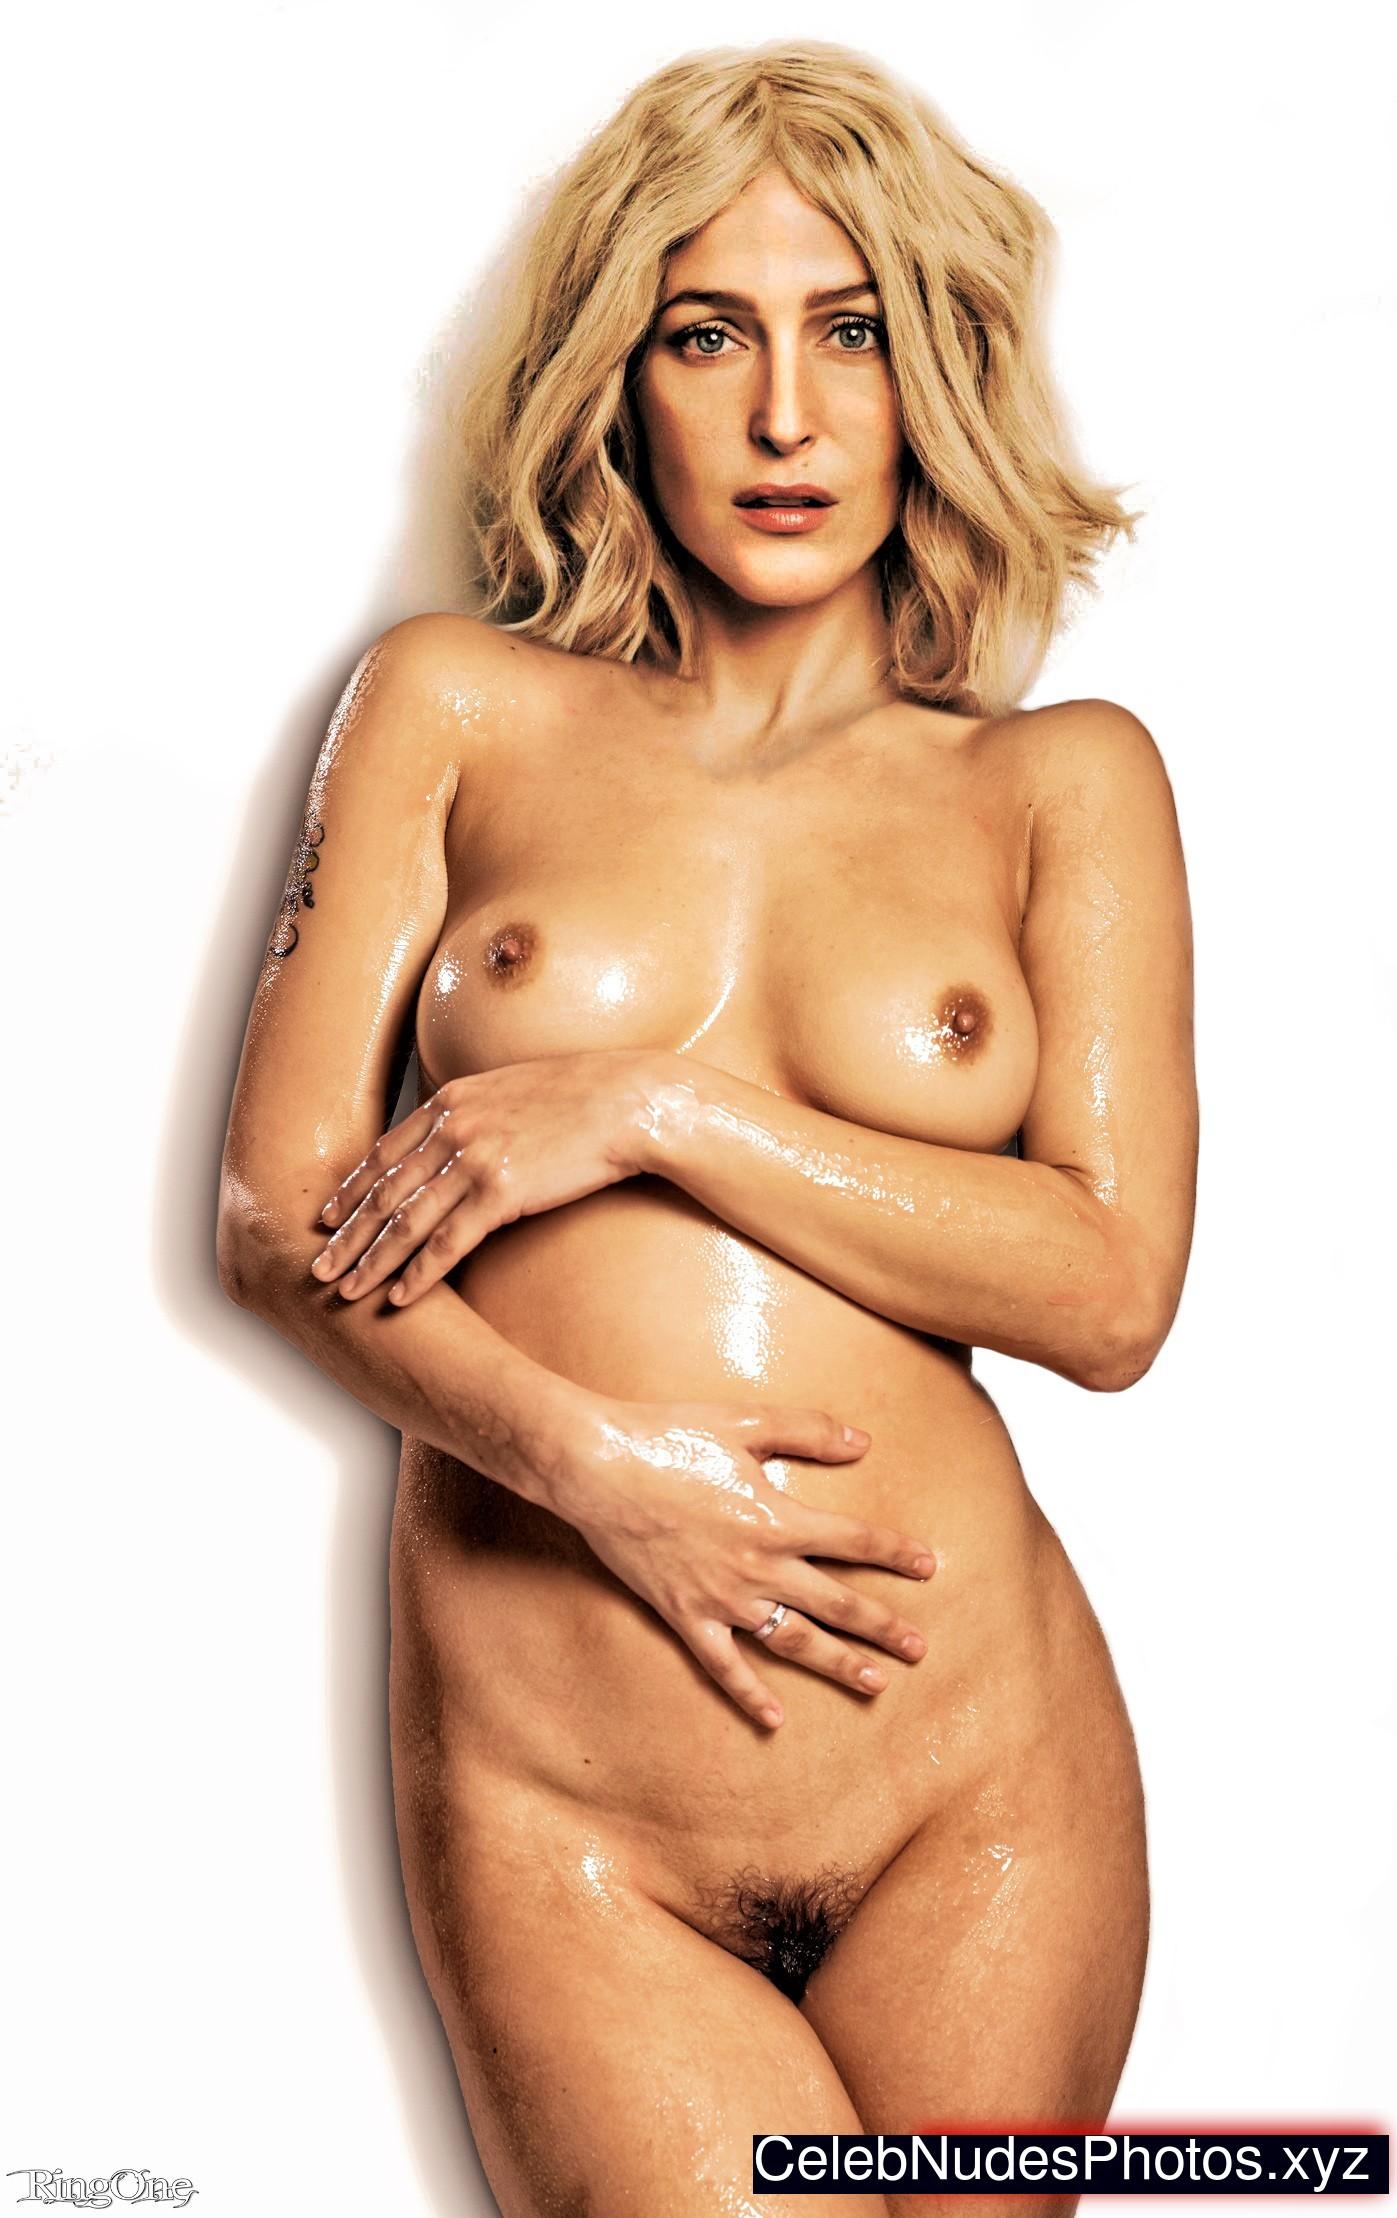 Gillian Anderson celebrity nudes